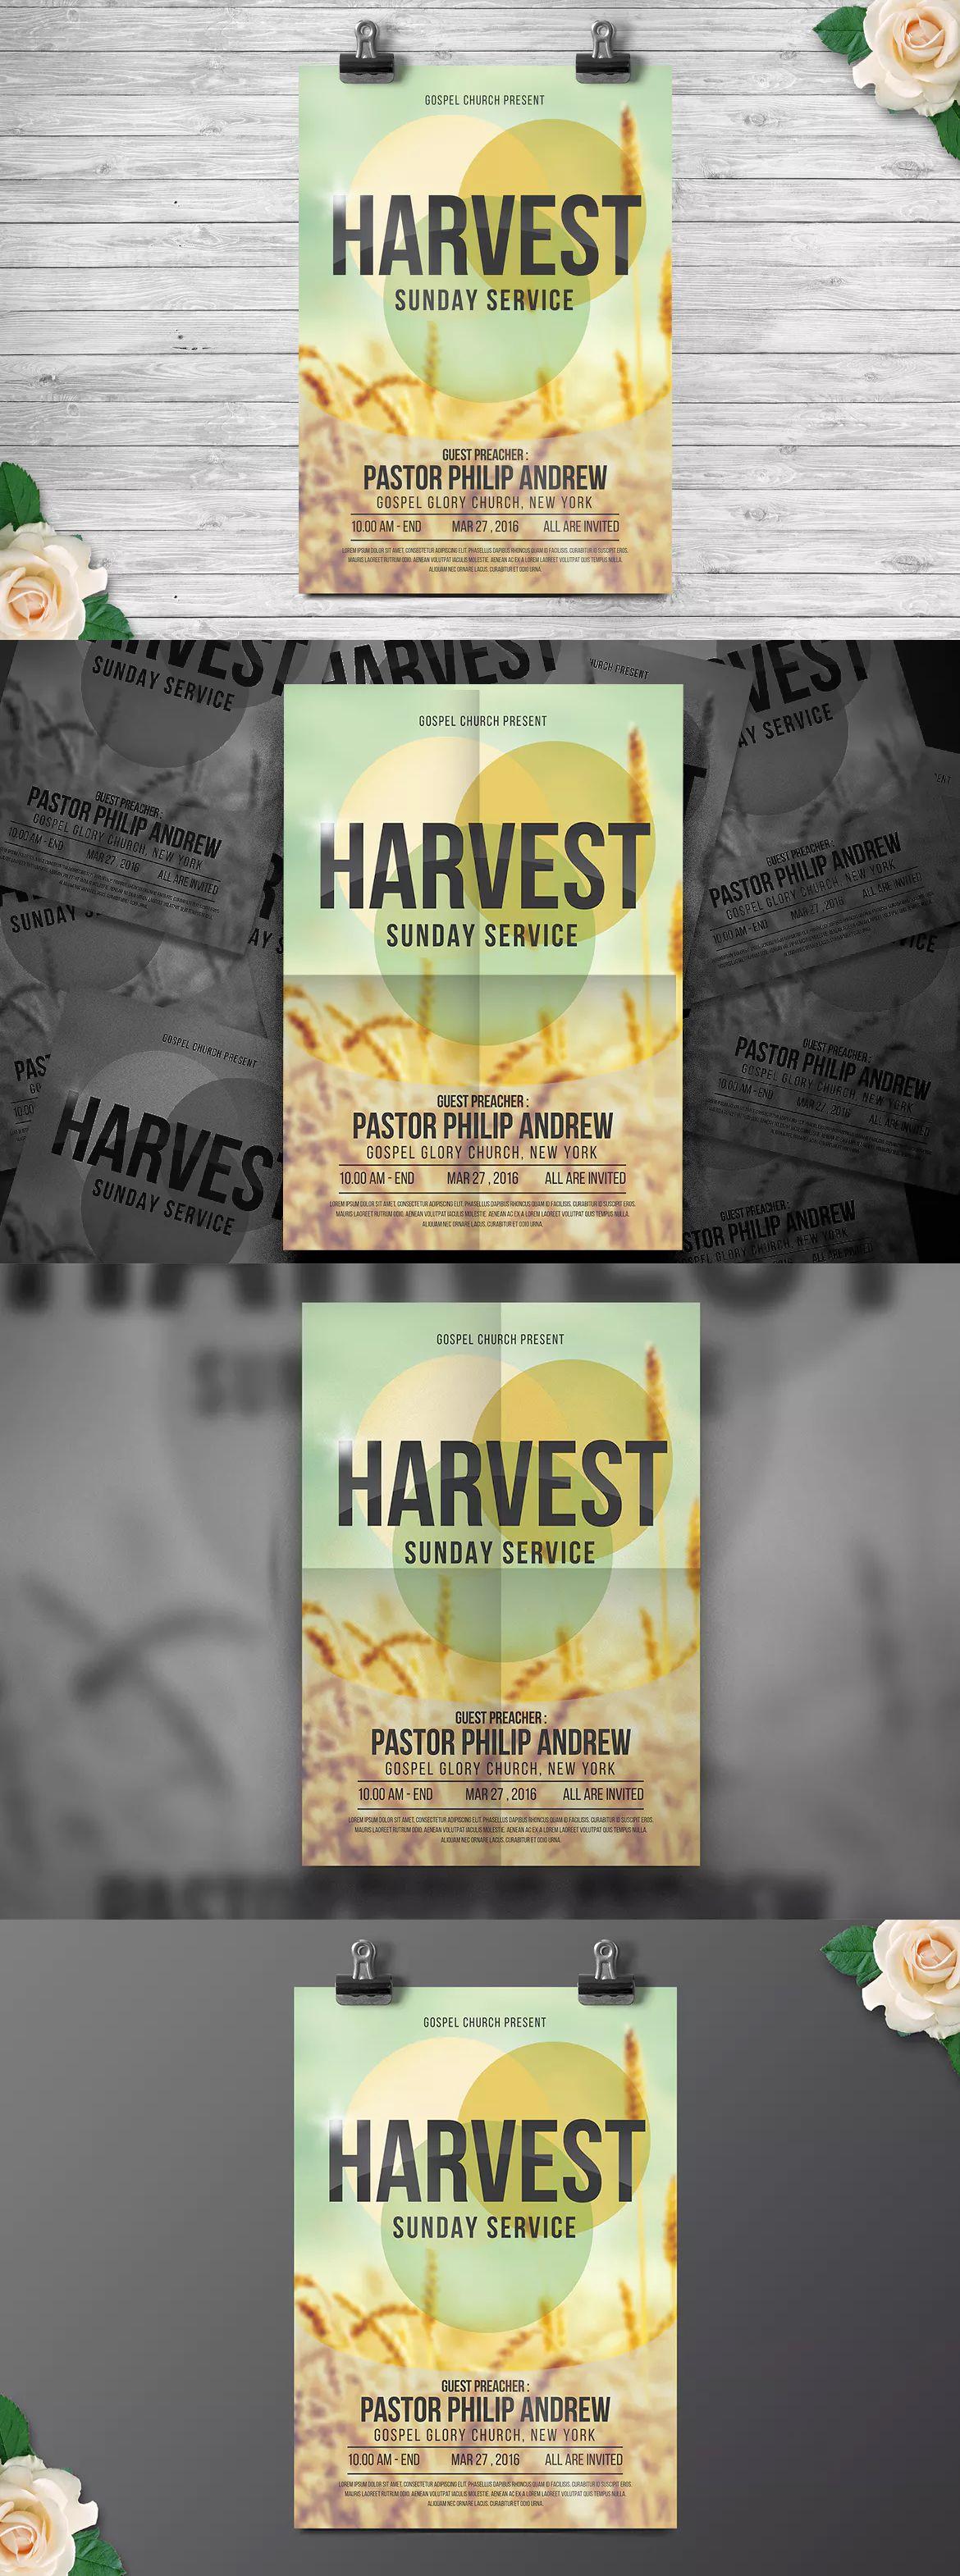 Church Gospel Flyer Templates Ai Psd Flyer Templates Pinterest